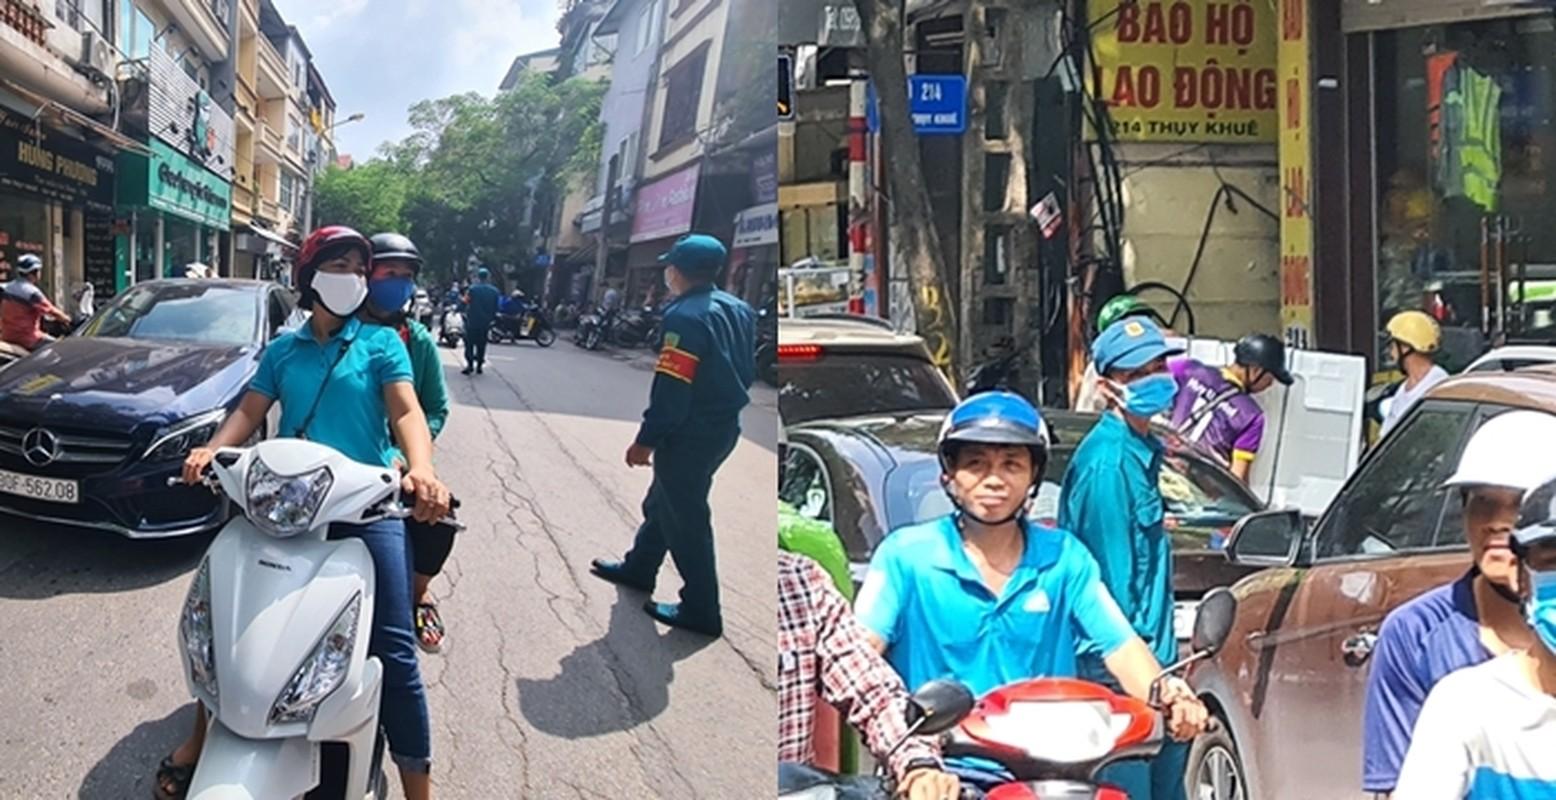 """""""Rong ran"""" xep hang cho tu sang den chieu mua banh trung thu truyen thong o HN-Hinh-15"""